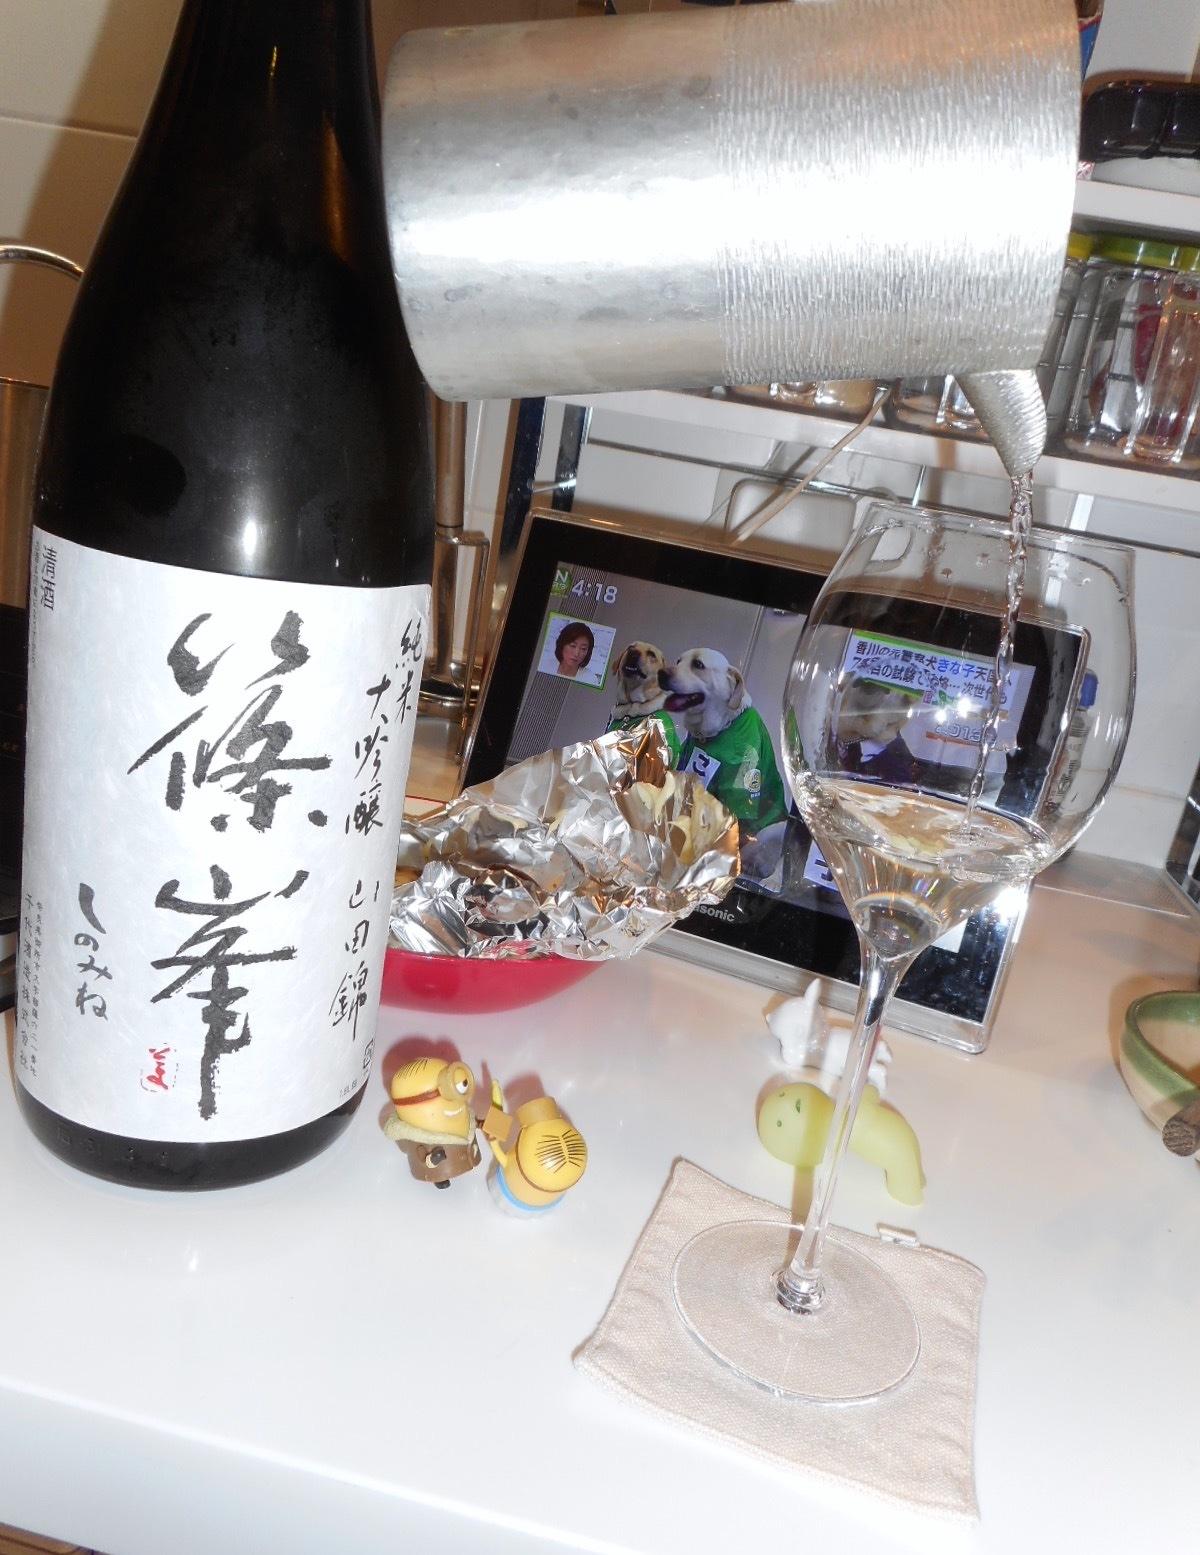 shinomine_jundai_yamada26by15.jpg